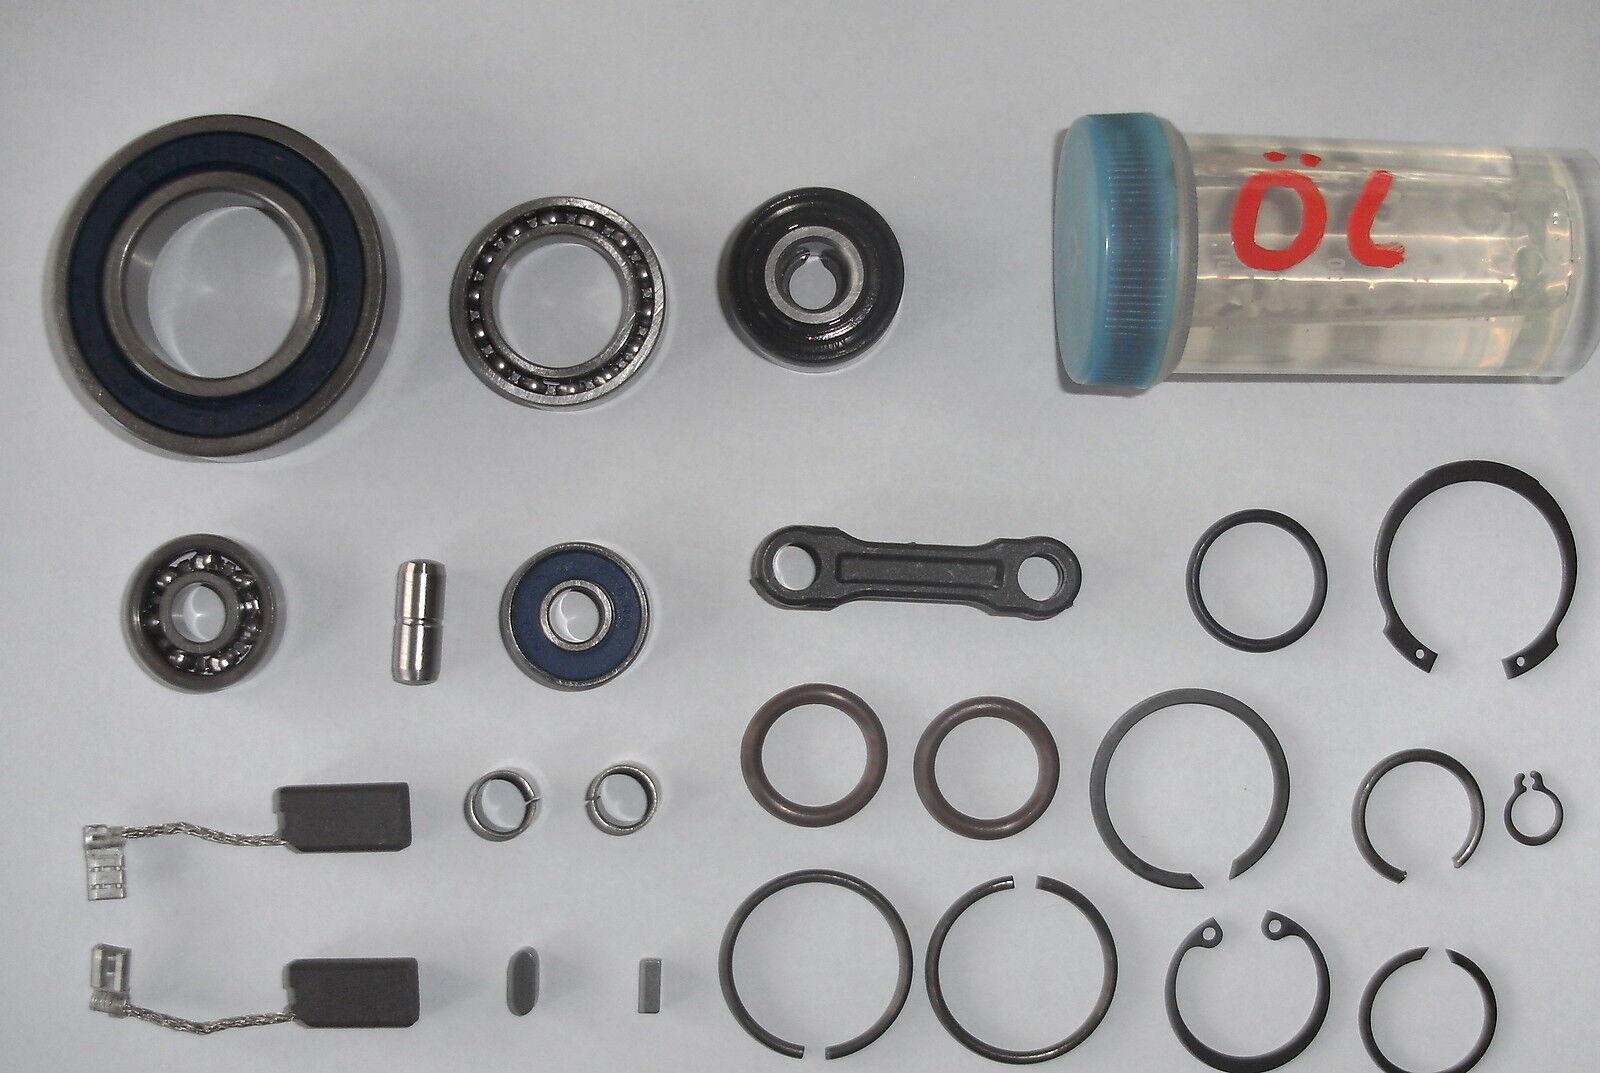 HILTI TE 16 Reparatursatz TE 16 C Ersatzteile Verschleissteilesatz Wartungset16M